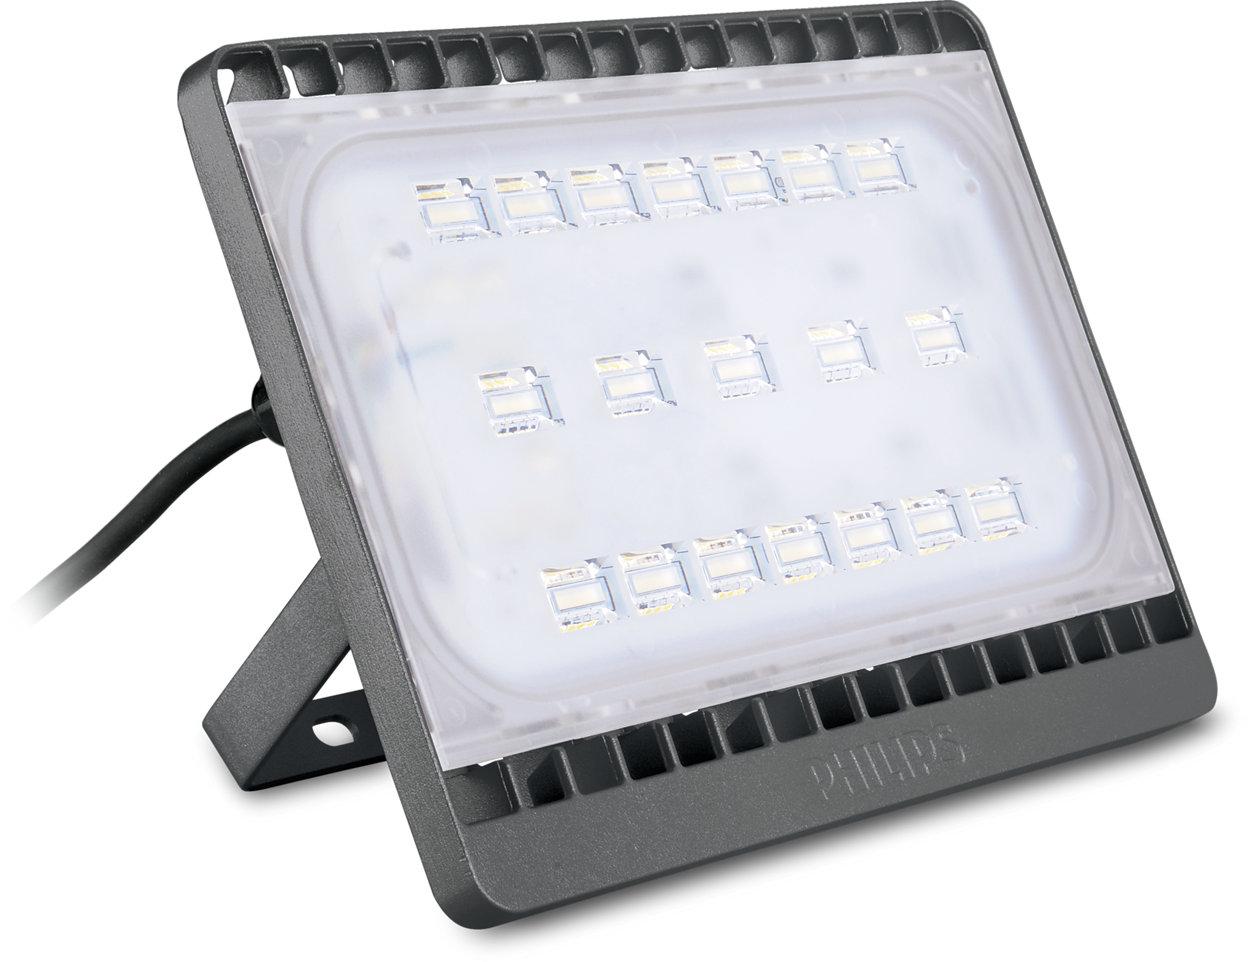 可靠的高性能 LED 泛光灯